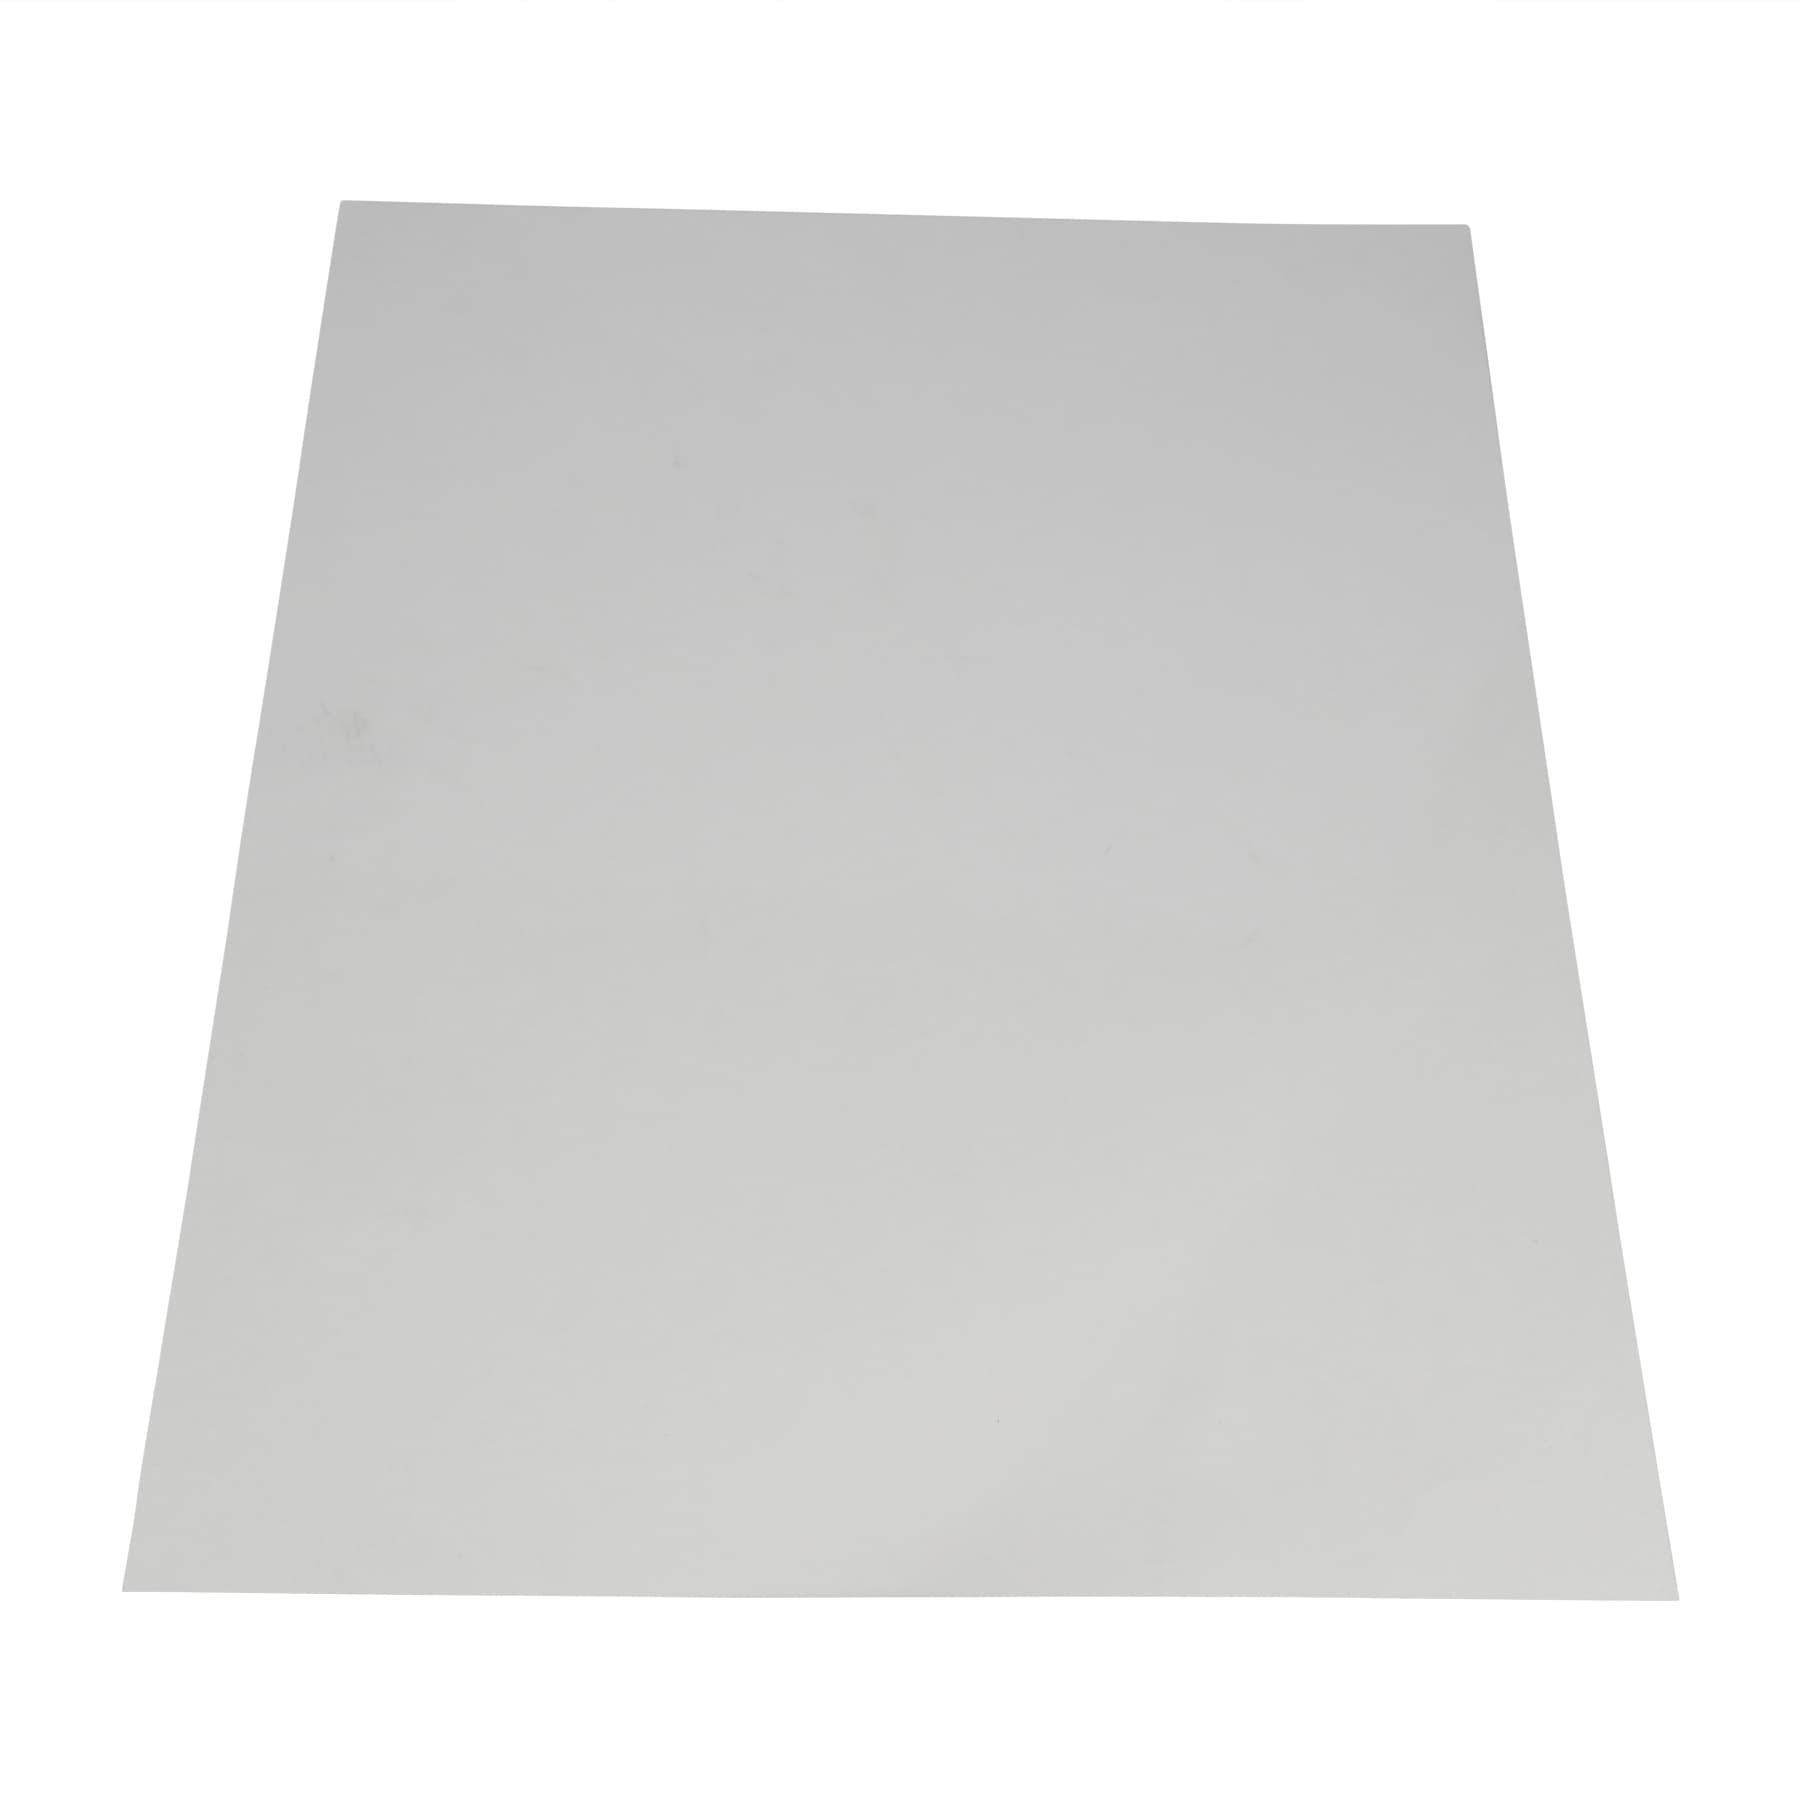 Abdeckfix, Klarsichtabdeckung 477x 378 x 0,4 mm für Liebig Zander Beute,